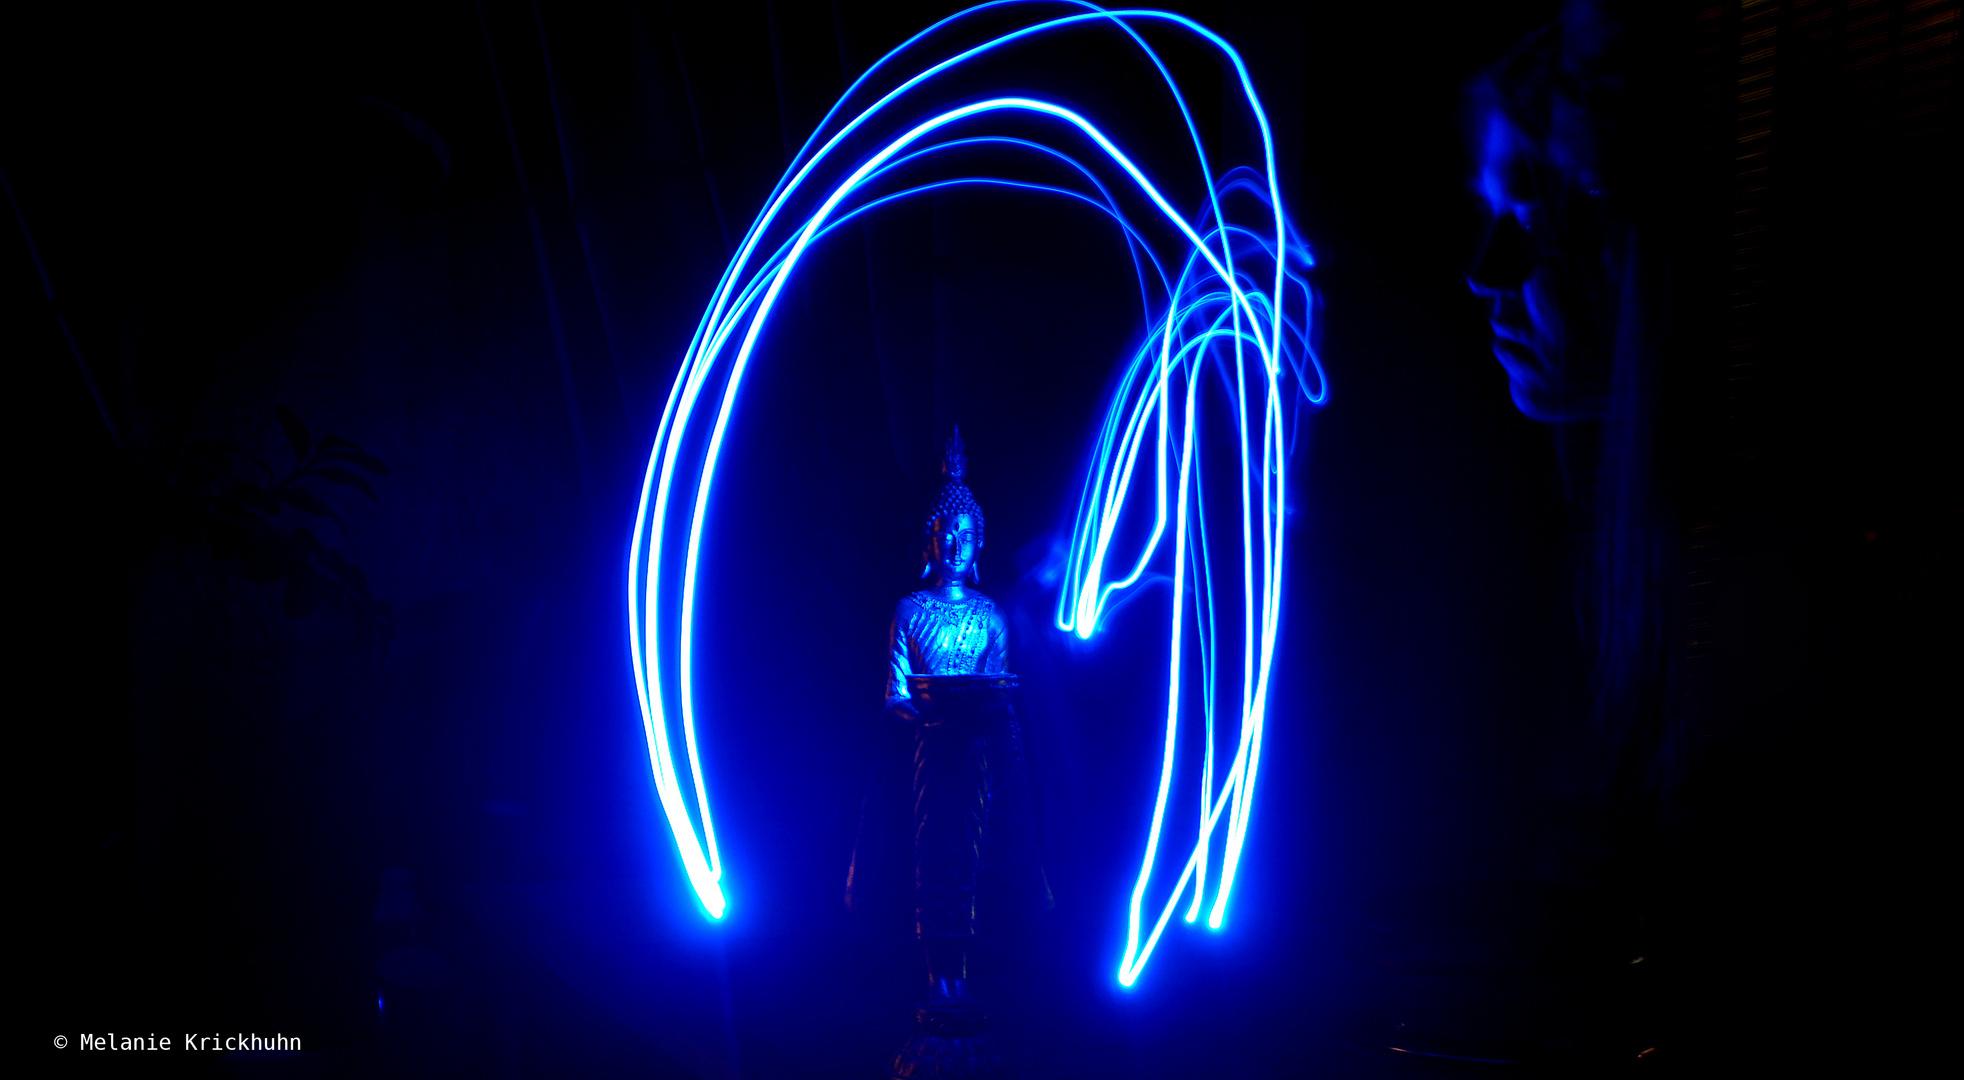 Lichtexperimente in blau